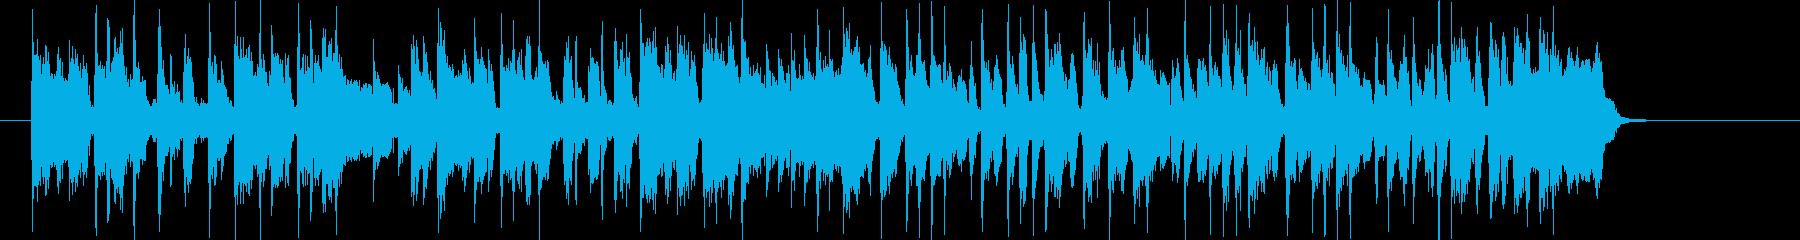 爽やかで勢いのあるシンセサイザーサウンドの再生済みの波形